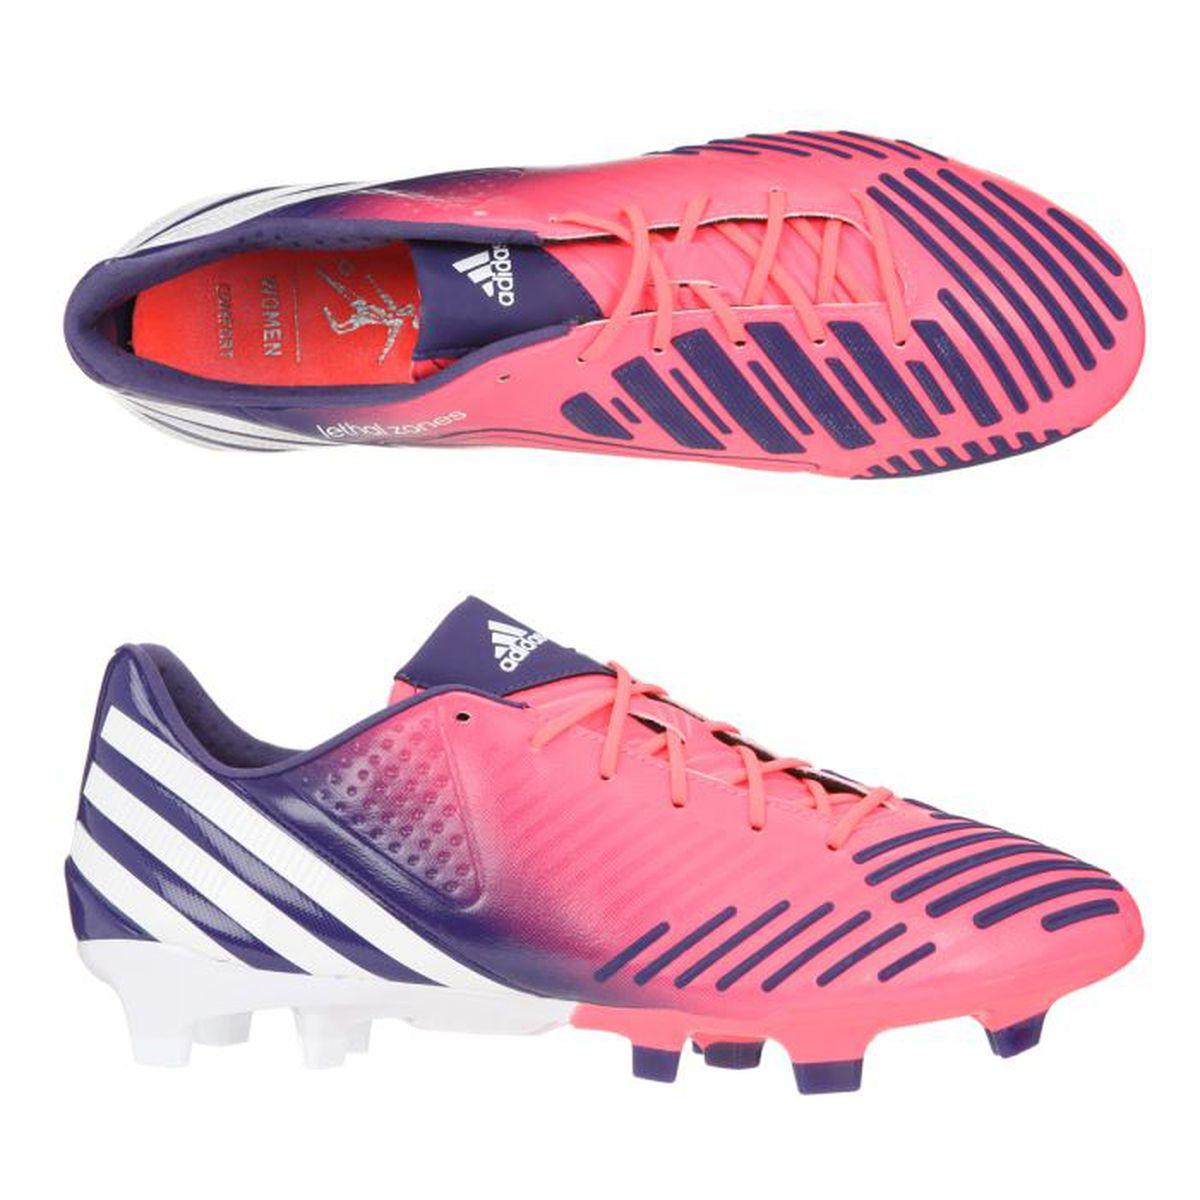 adidas chaussures football predator lz trx fg